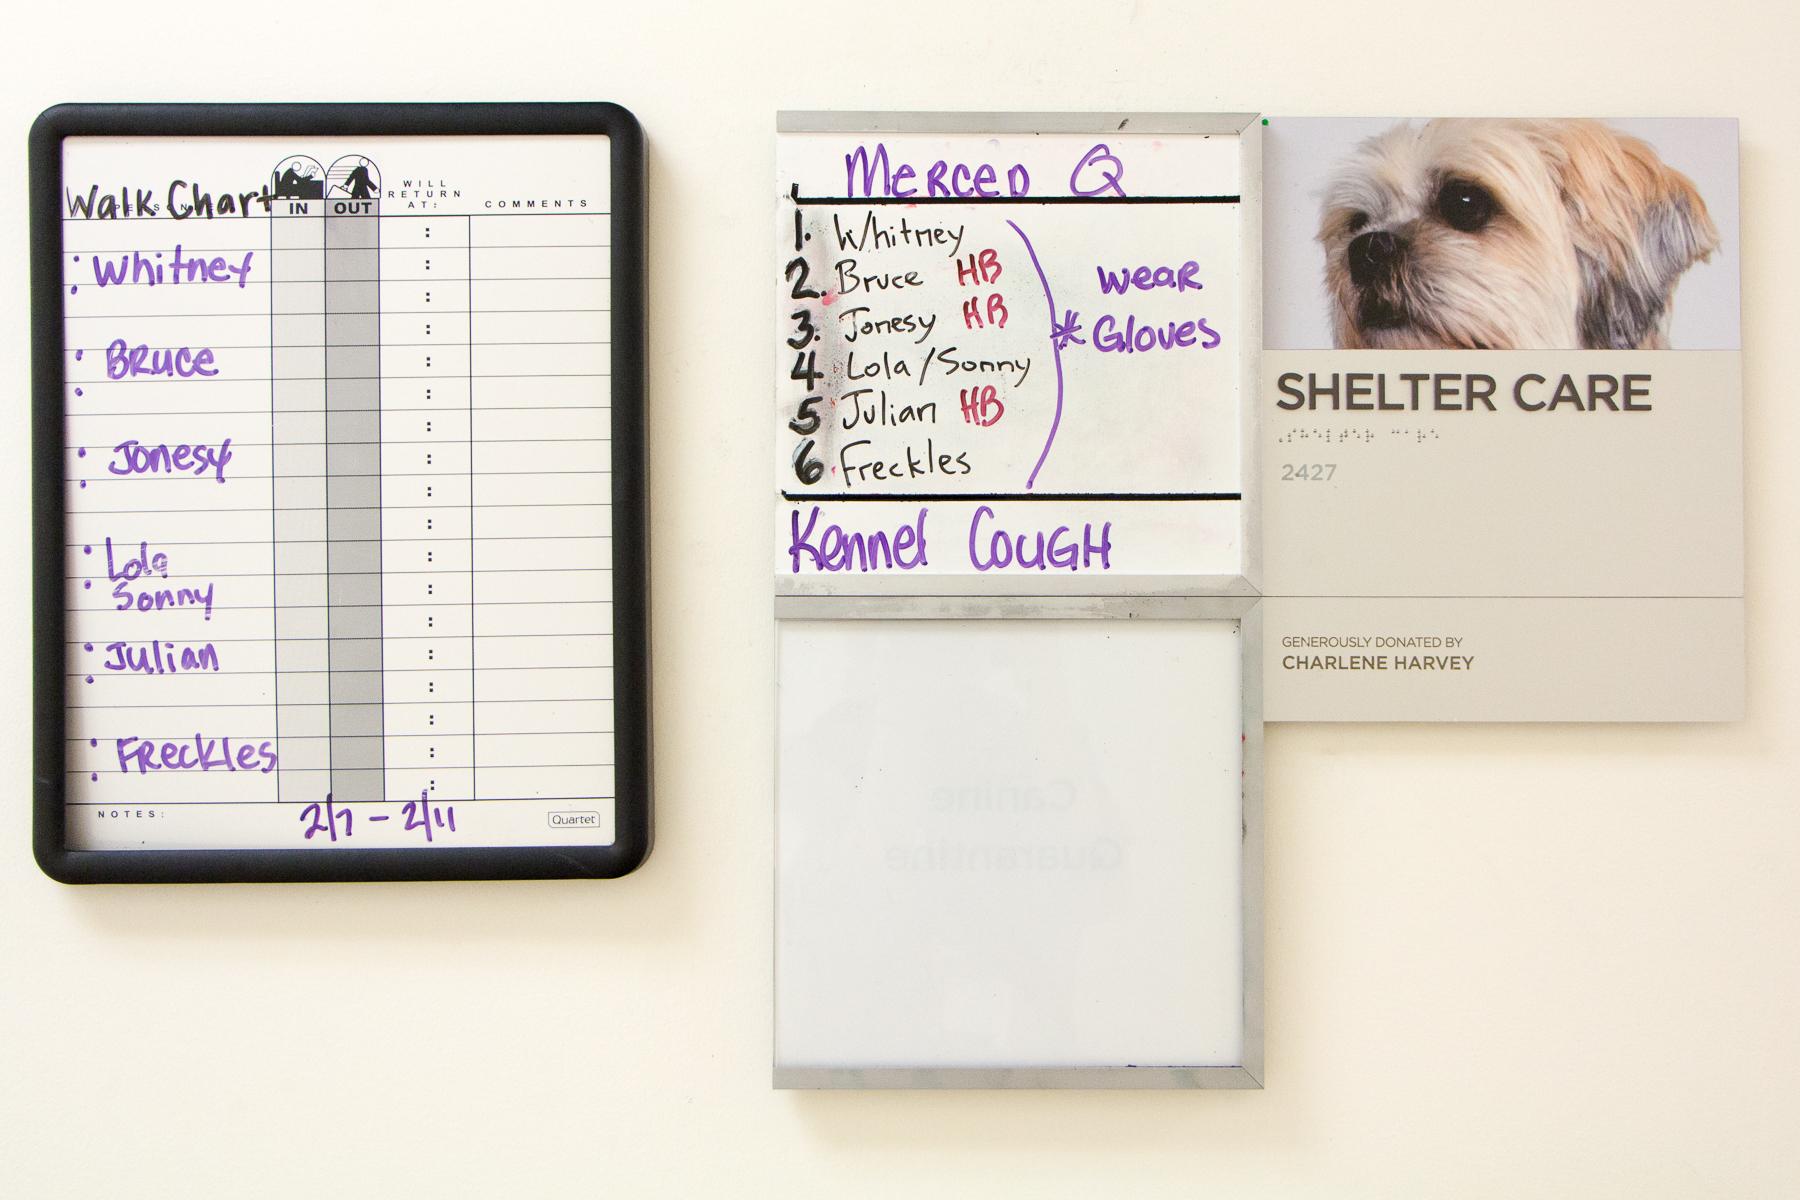 SF SPCA - Dog Volunteer Community